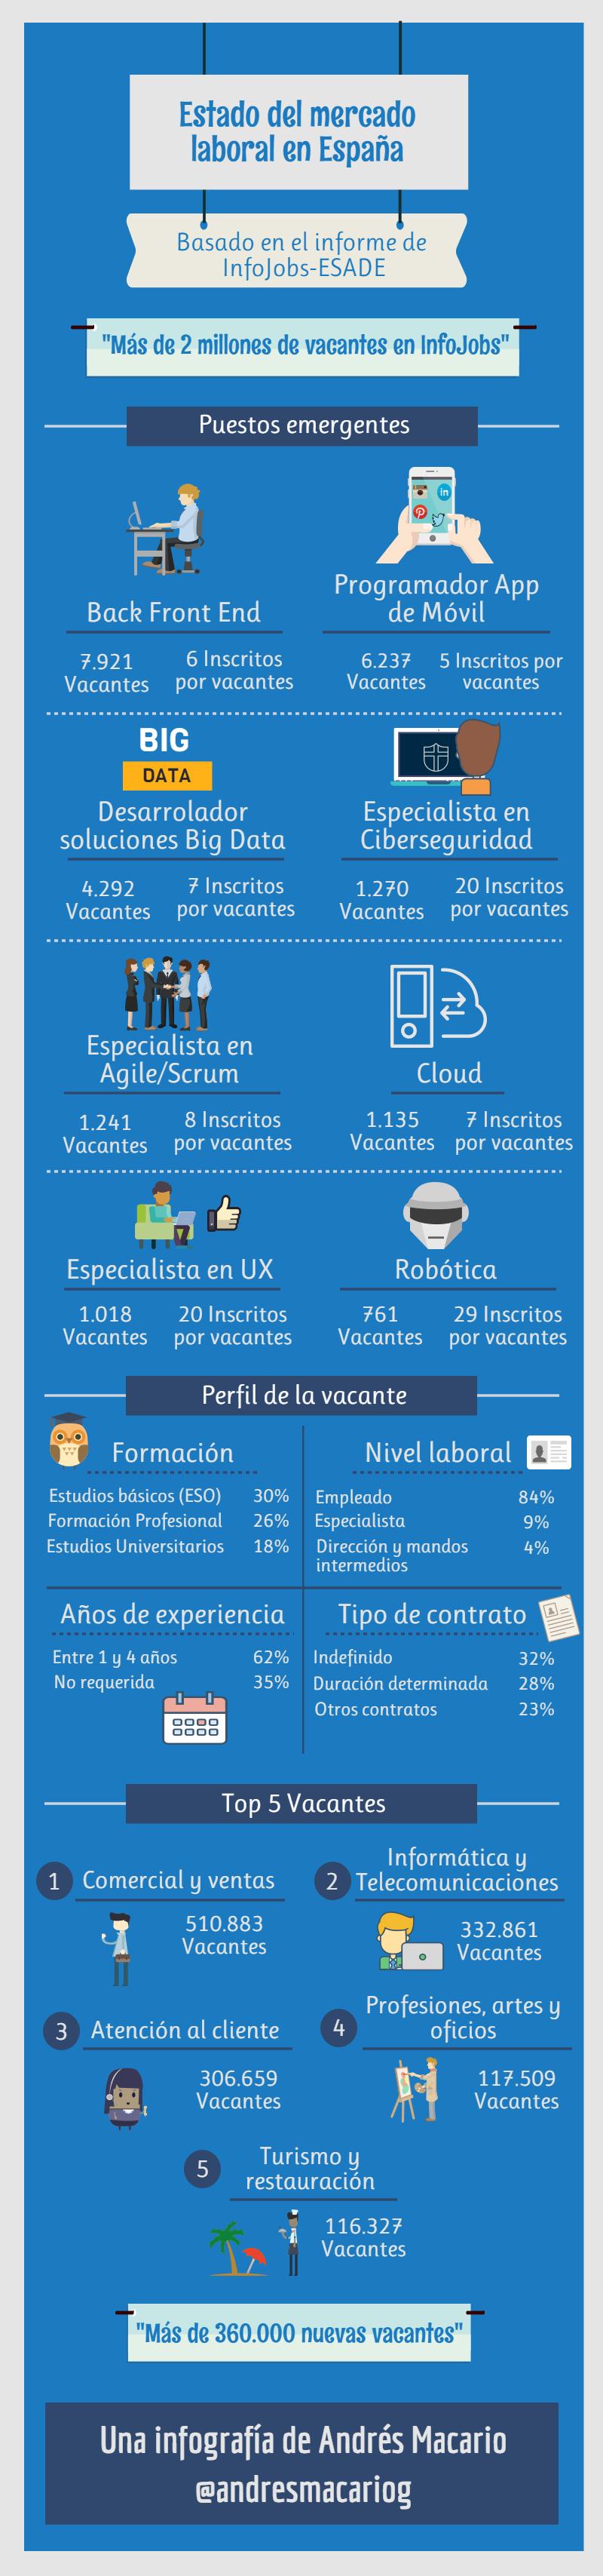 Estado del mercado laboral en España- Infografía Andr´es Macario.png